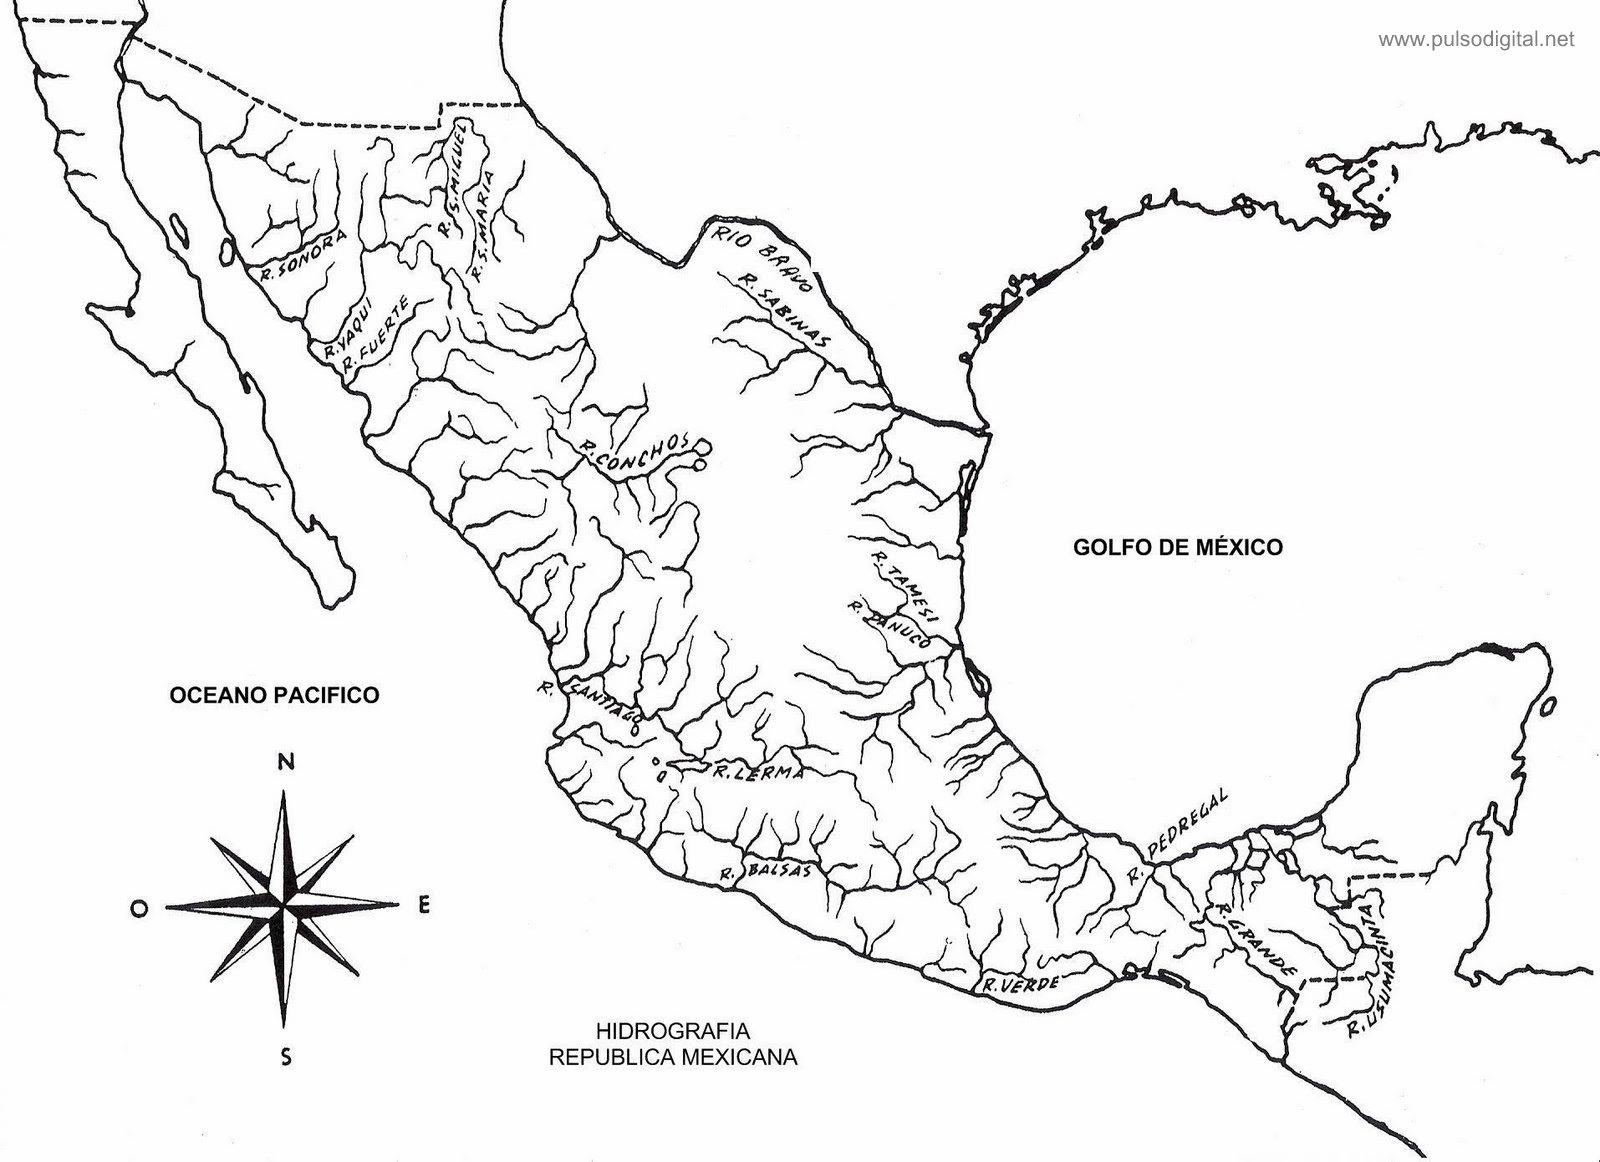 Mapa de la hidrografía de México